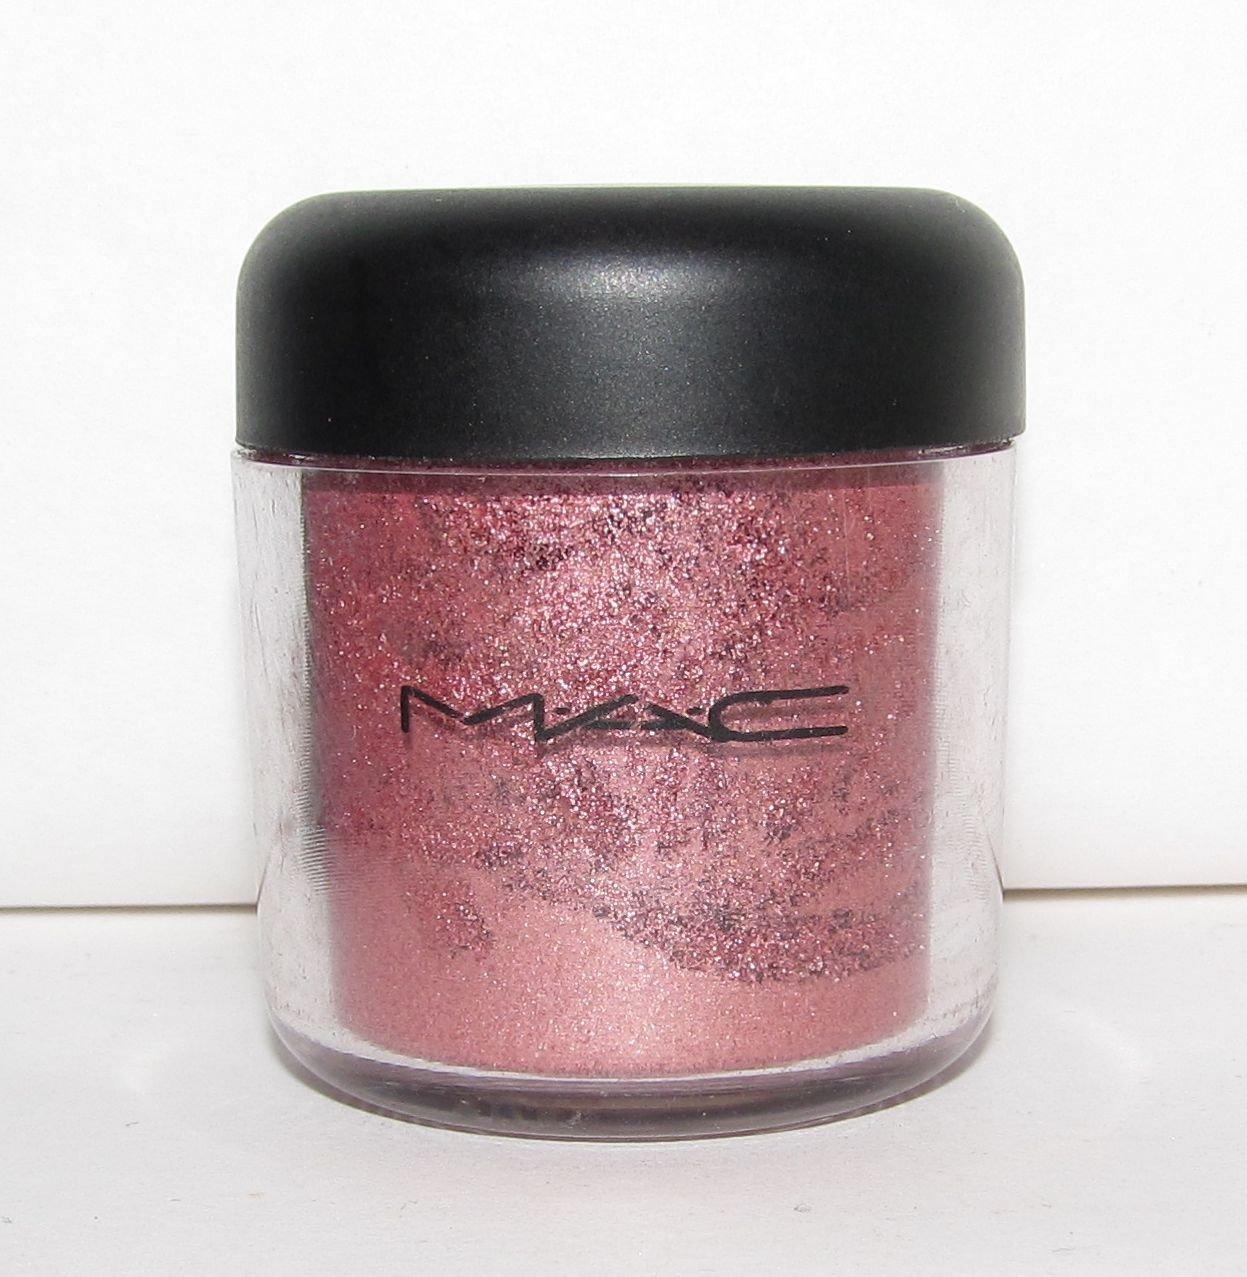 MAC - Revved-Up Pigment Sample in Original Jar